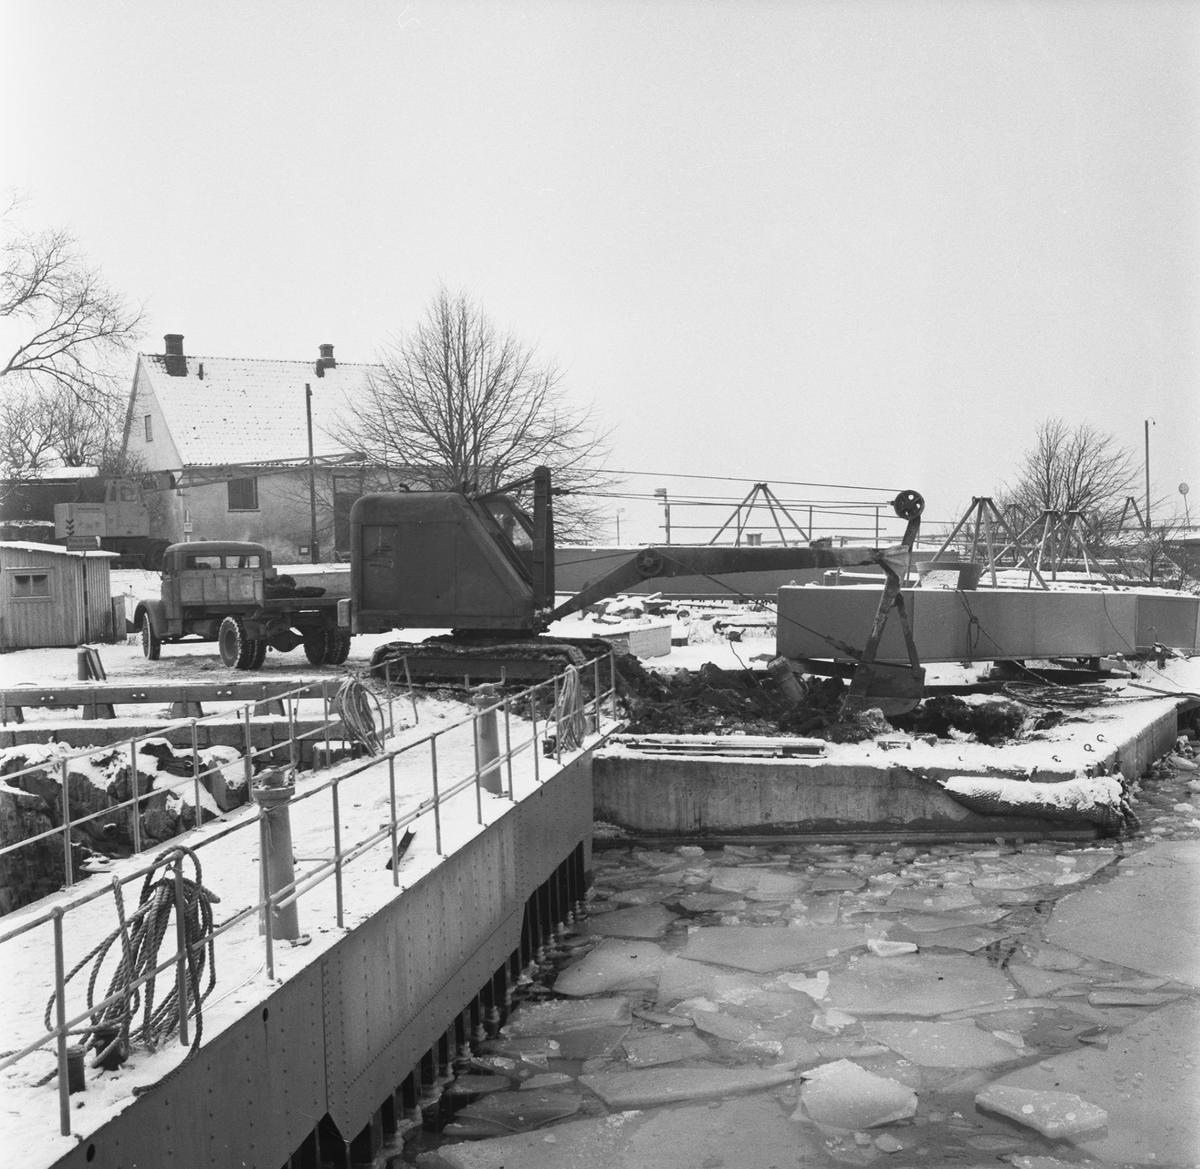 Övrigt: Fotodatum:17/1 1959 Byggnader och Kranar. Polhemsdockan pågående arbete.